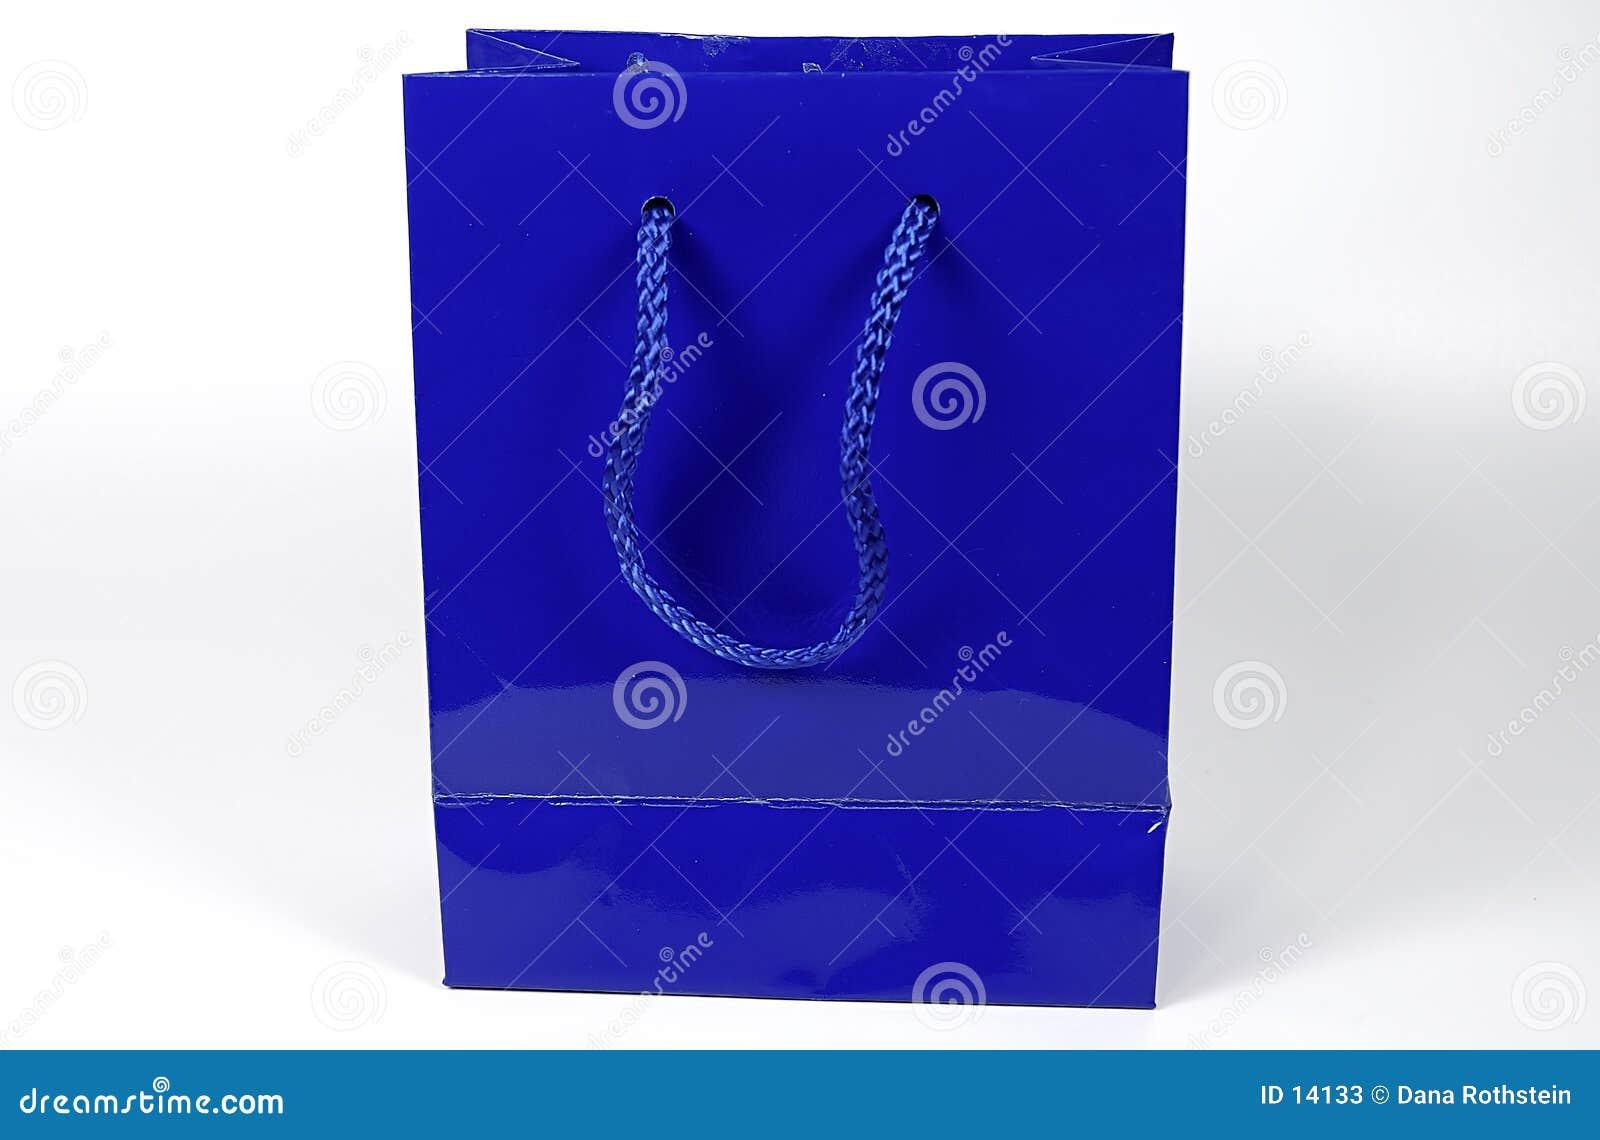 袋子蓝色礼品